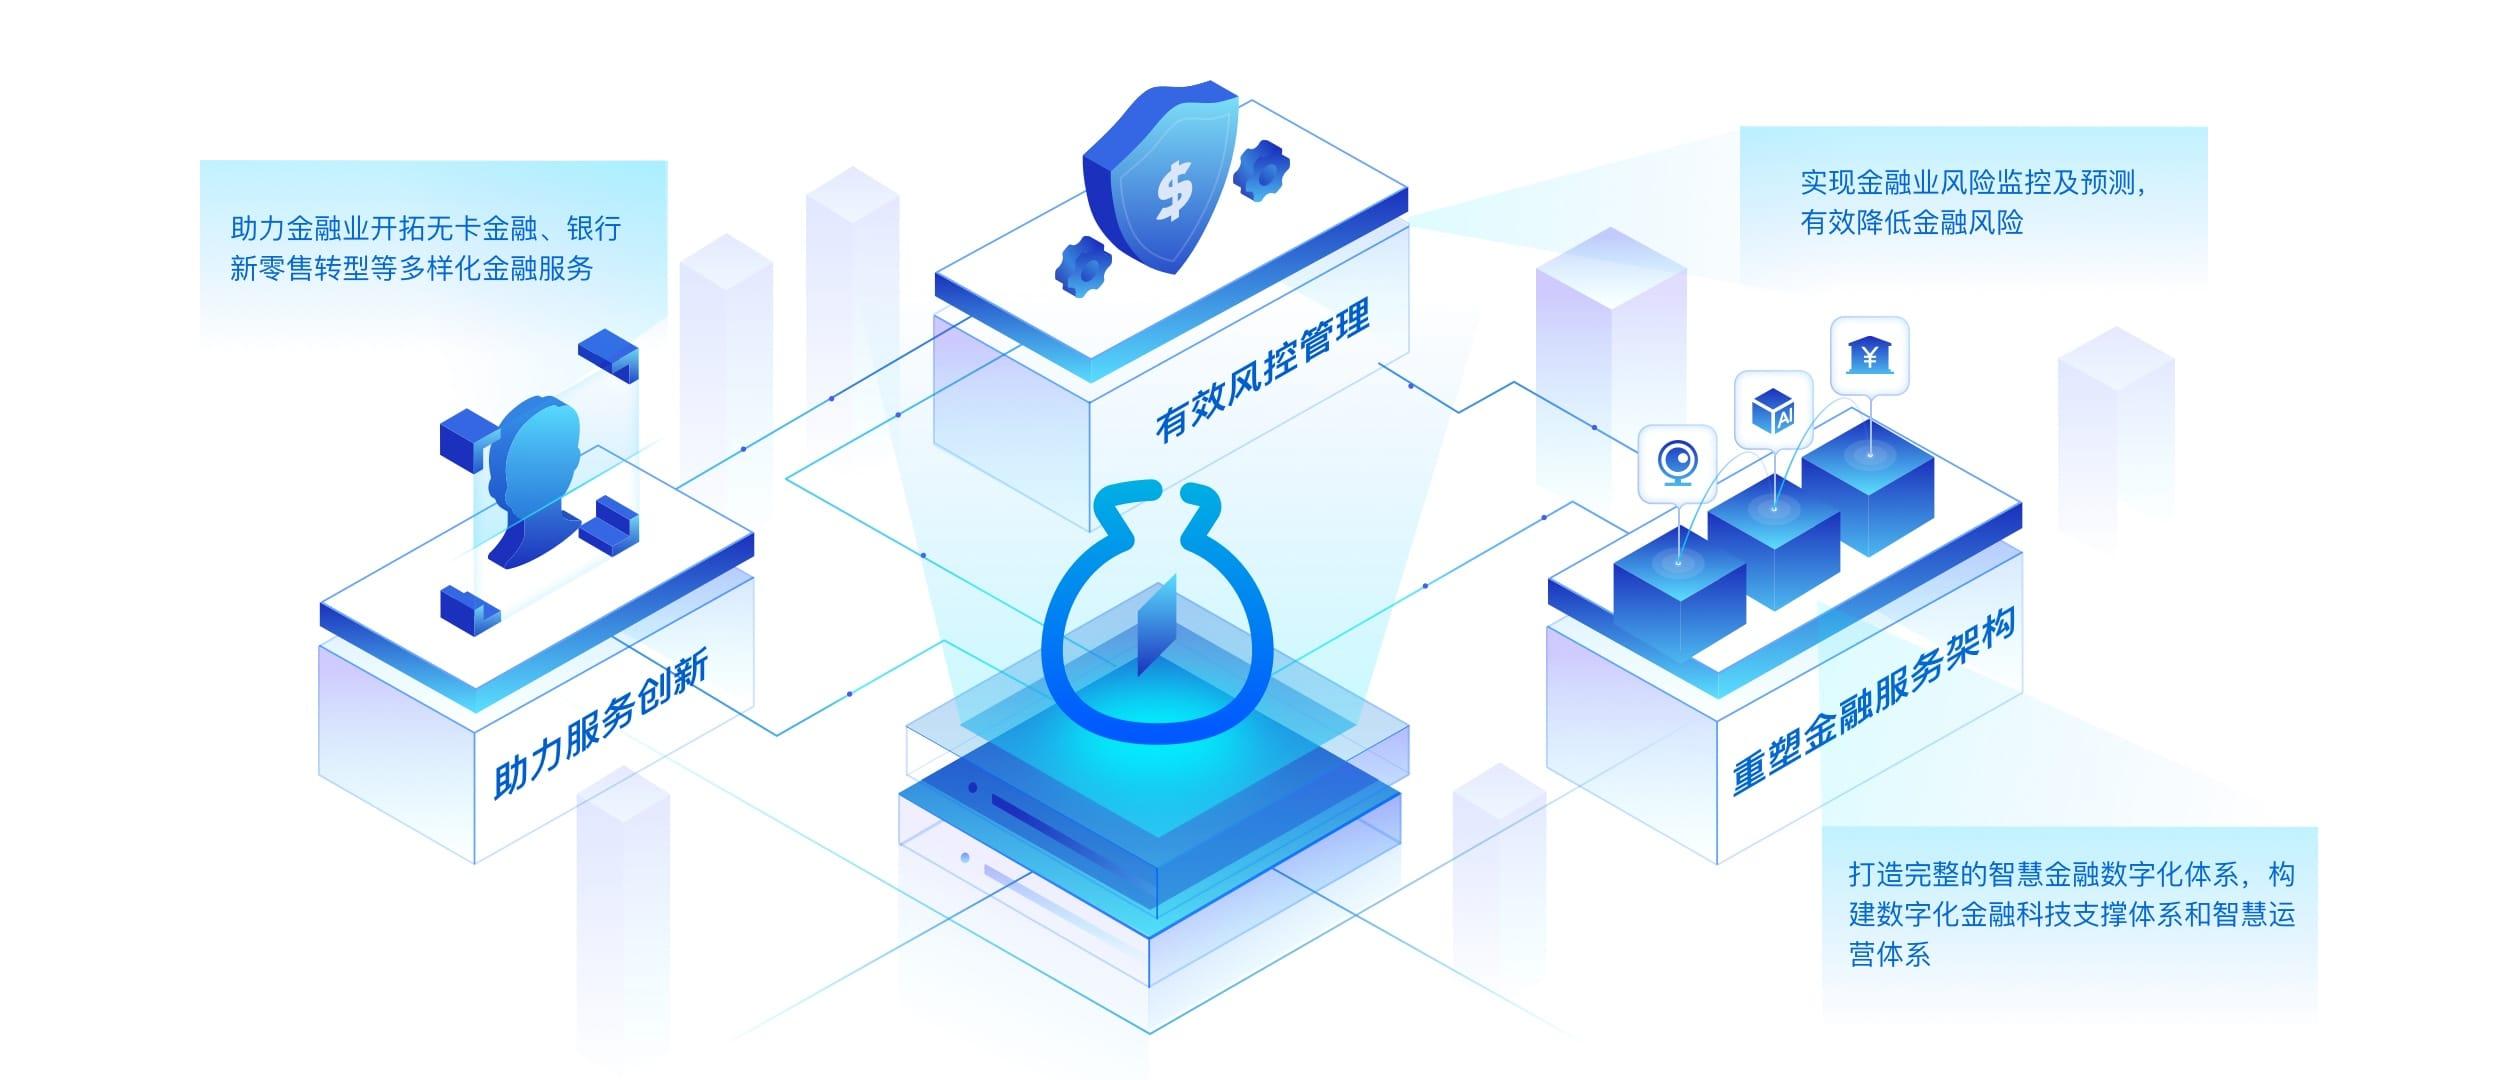 智慧金融-构建智能互动化金融